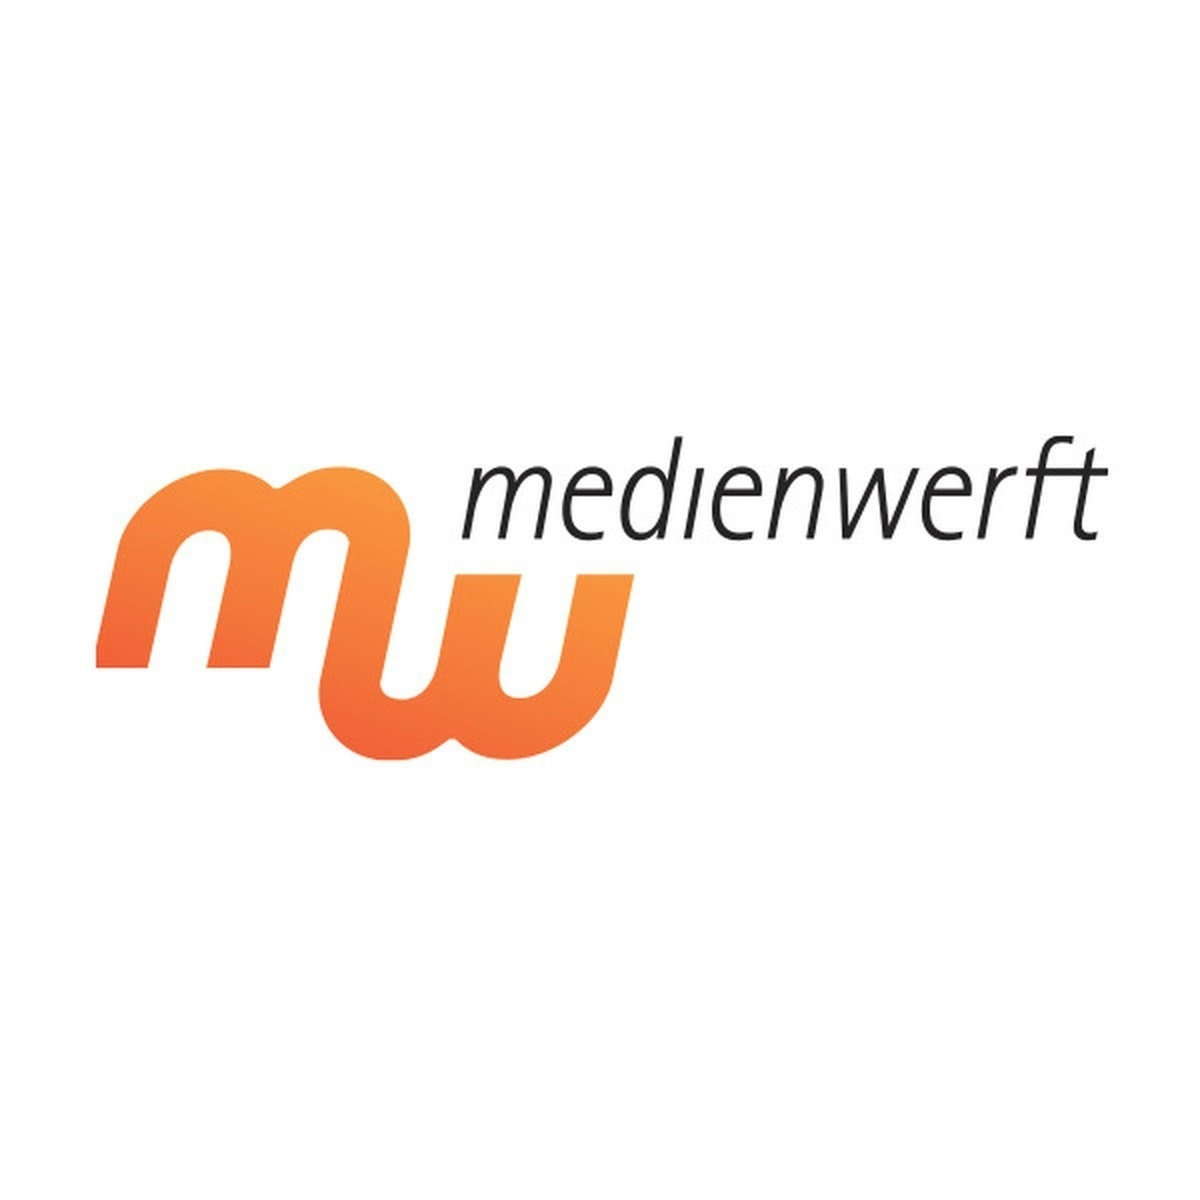 Medienwerft Agentur für digitale Medien und Kommunikation GmbH